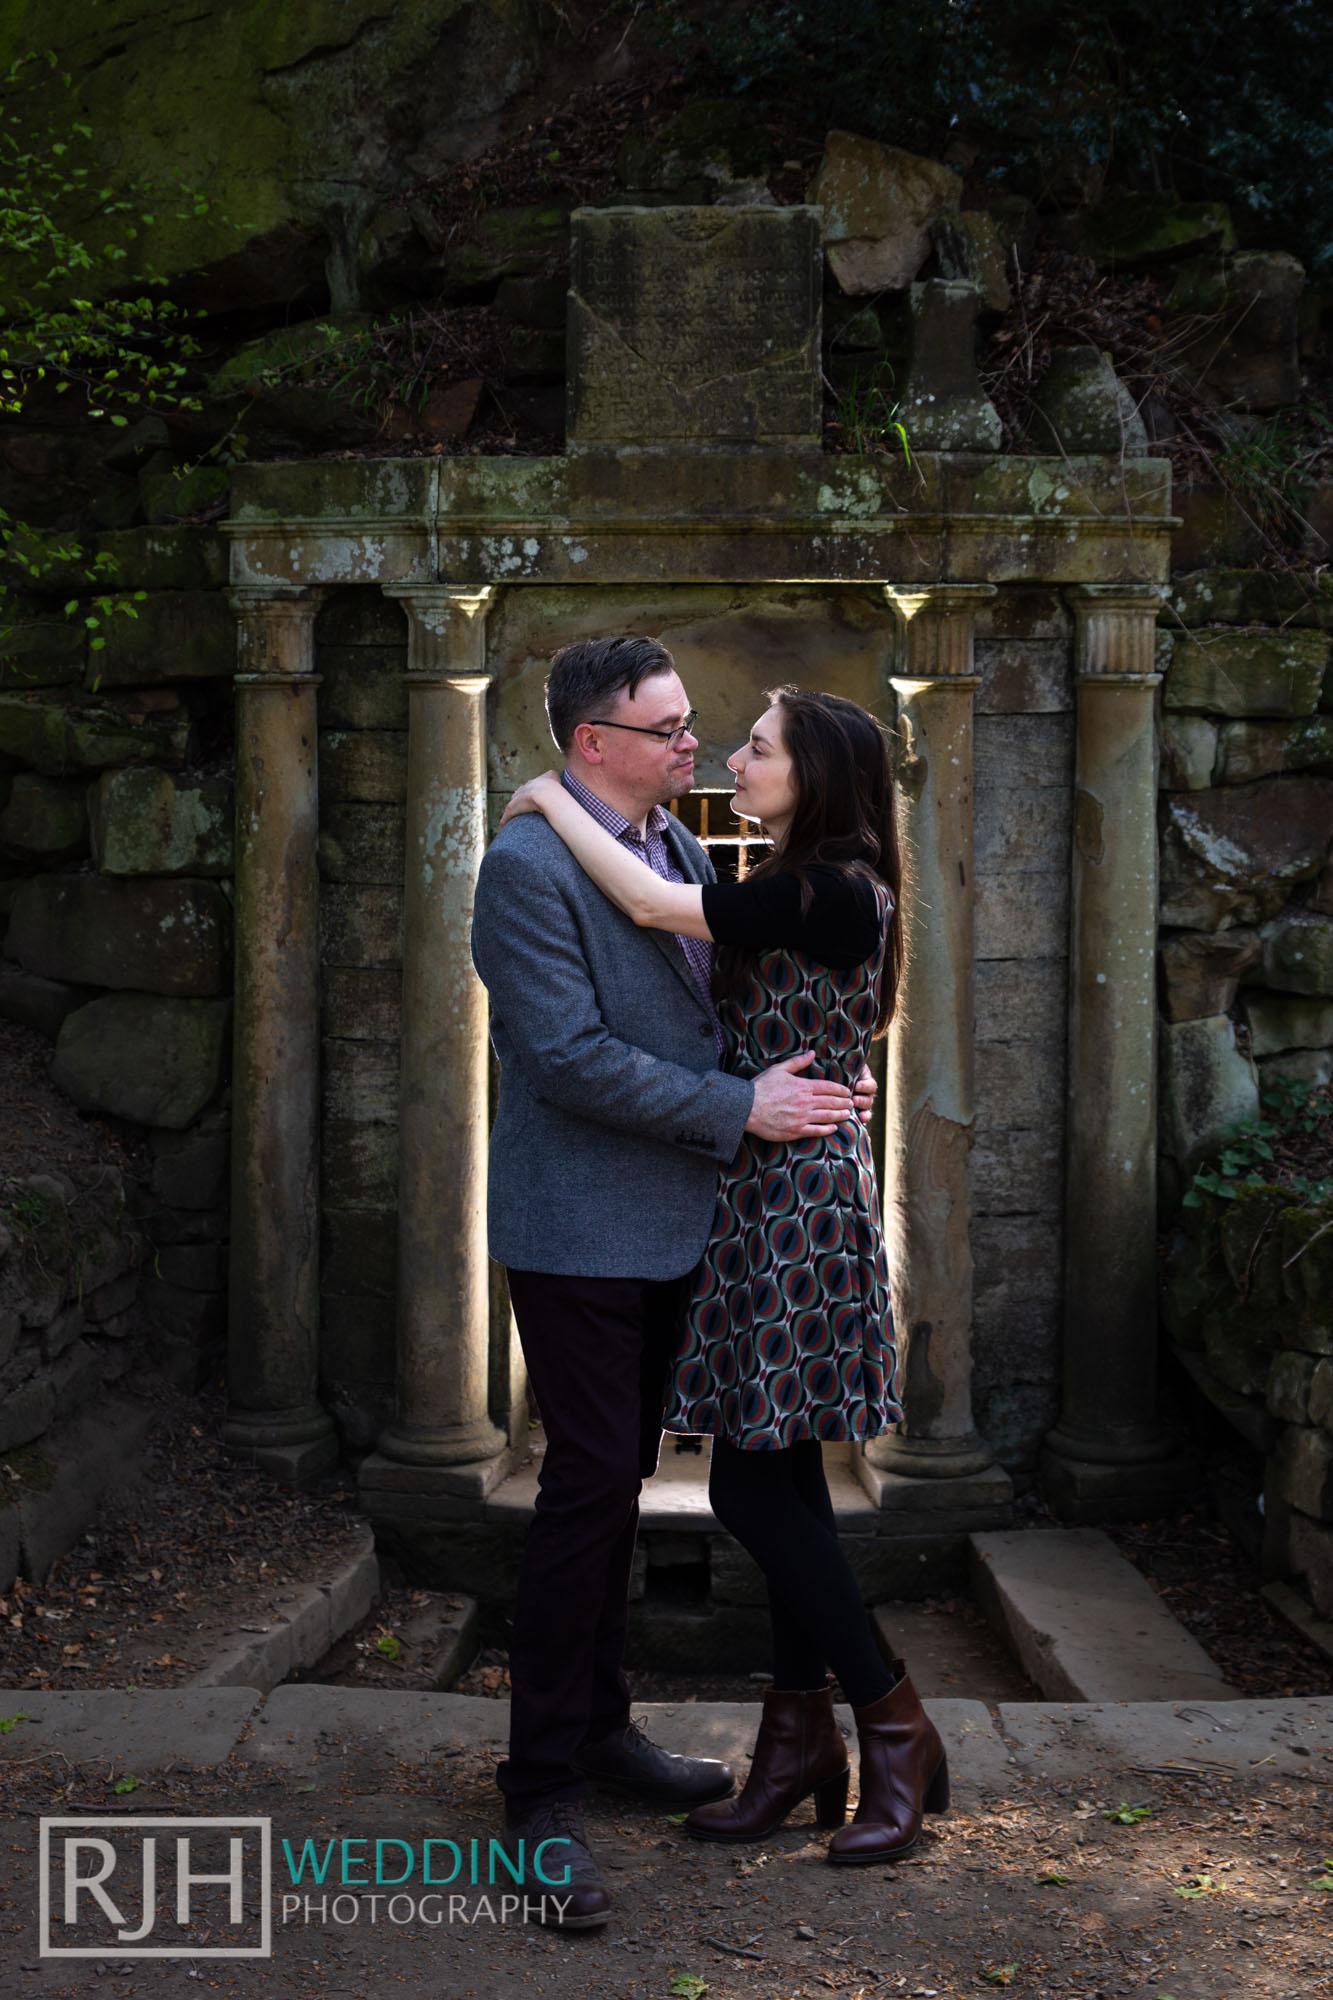 Pre-wedding photography - Richard & Rachel_025_IMG_0288.jpg